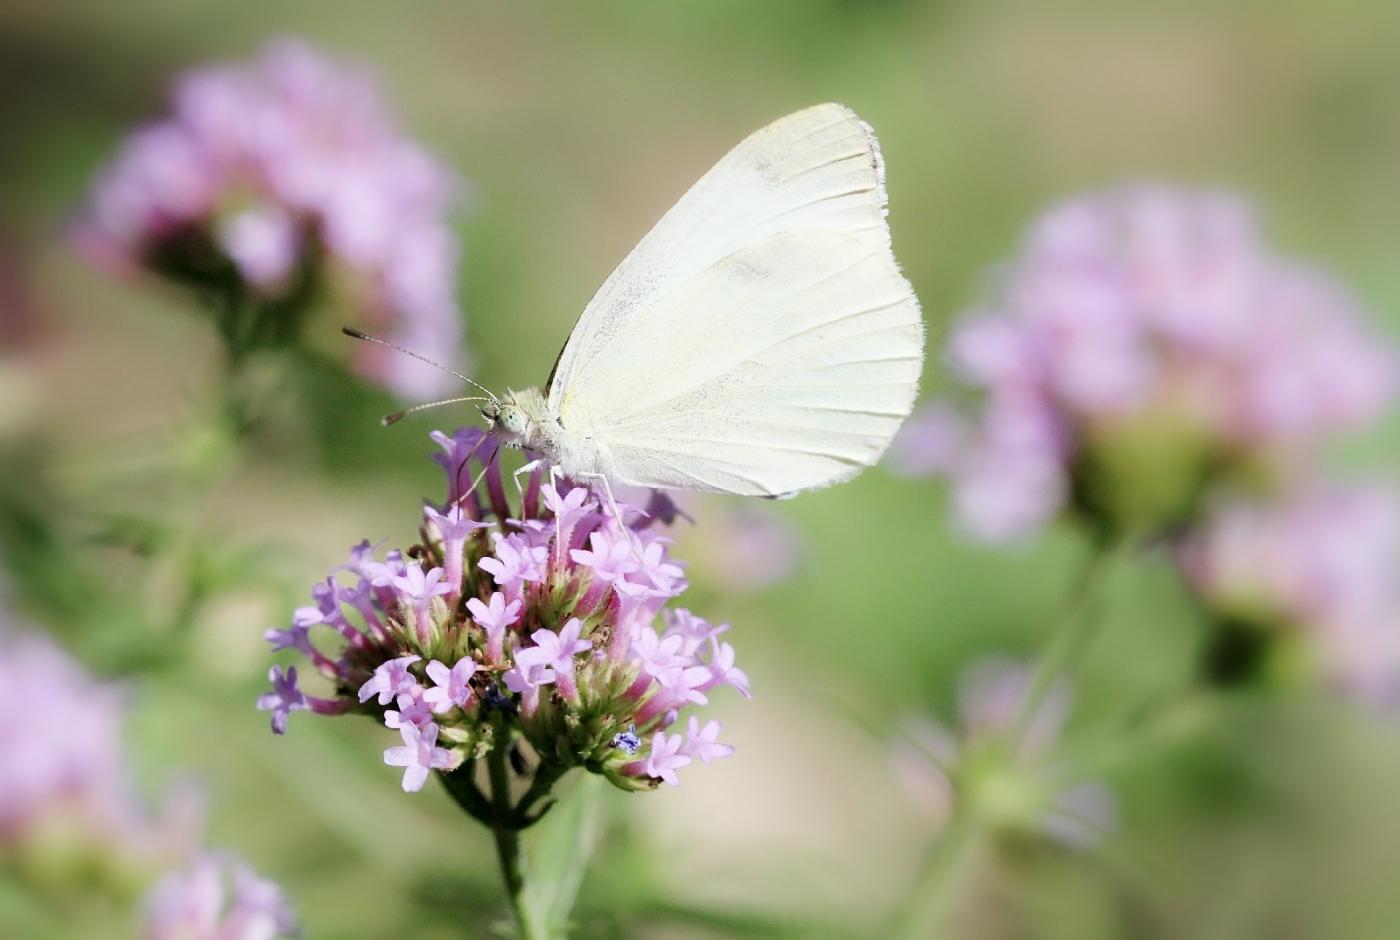 【田螺随拍】我院子里的蝴蝶_图1-8